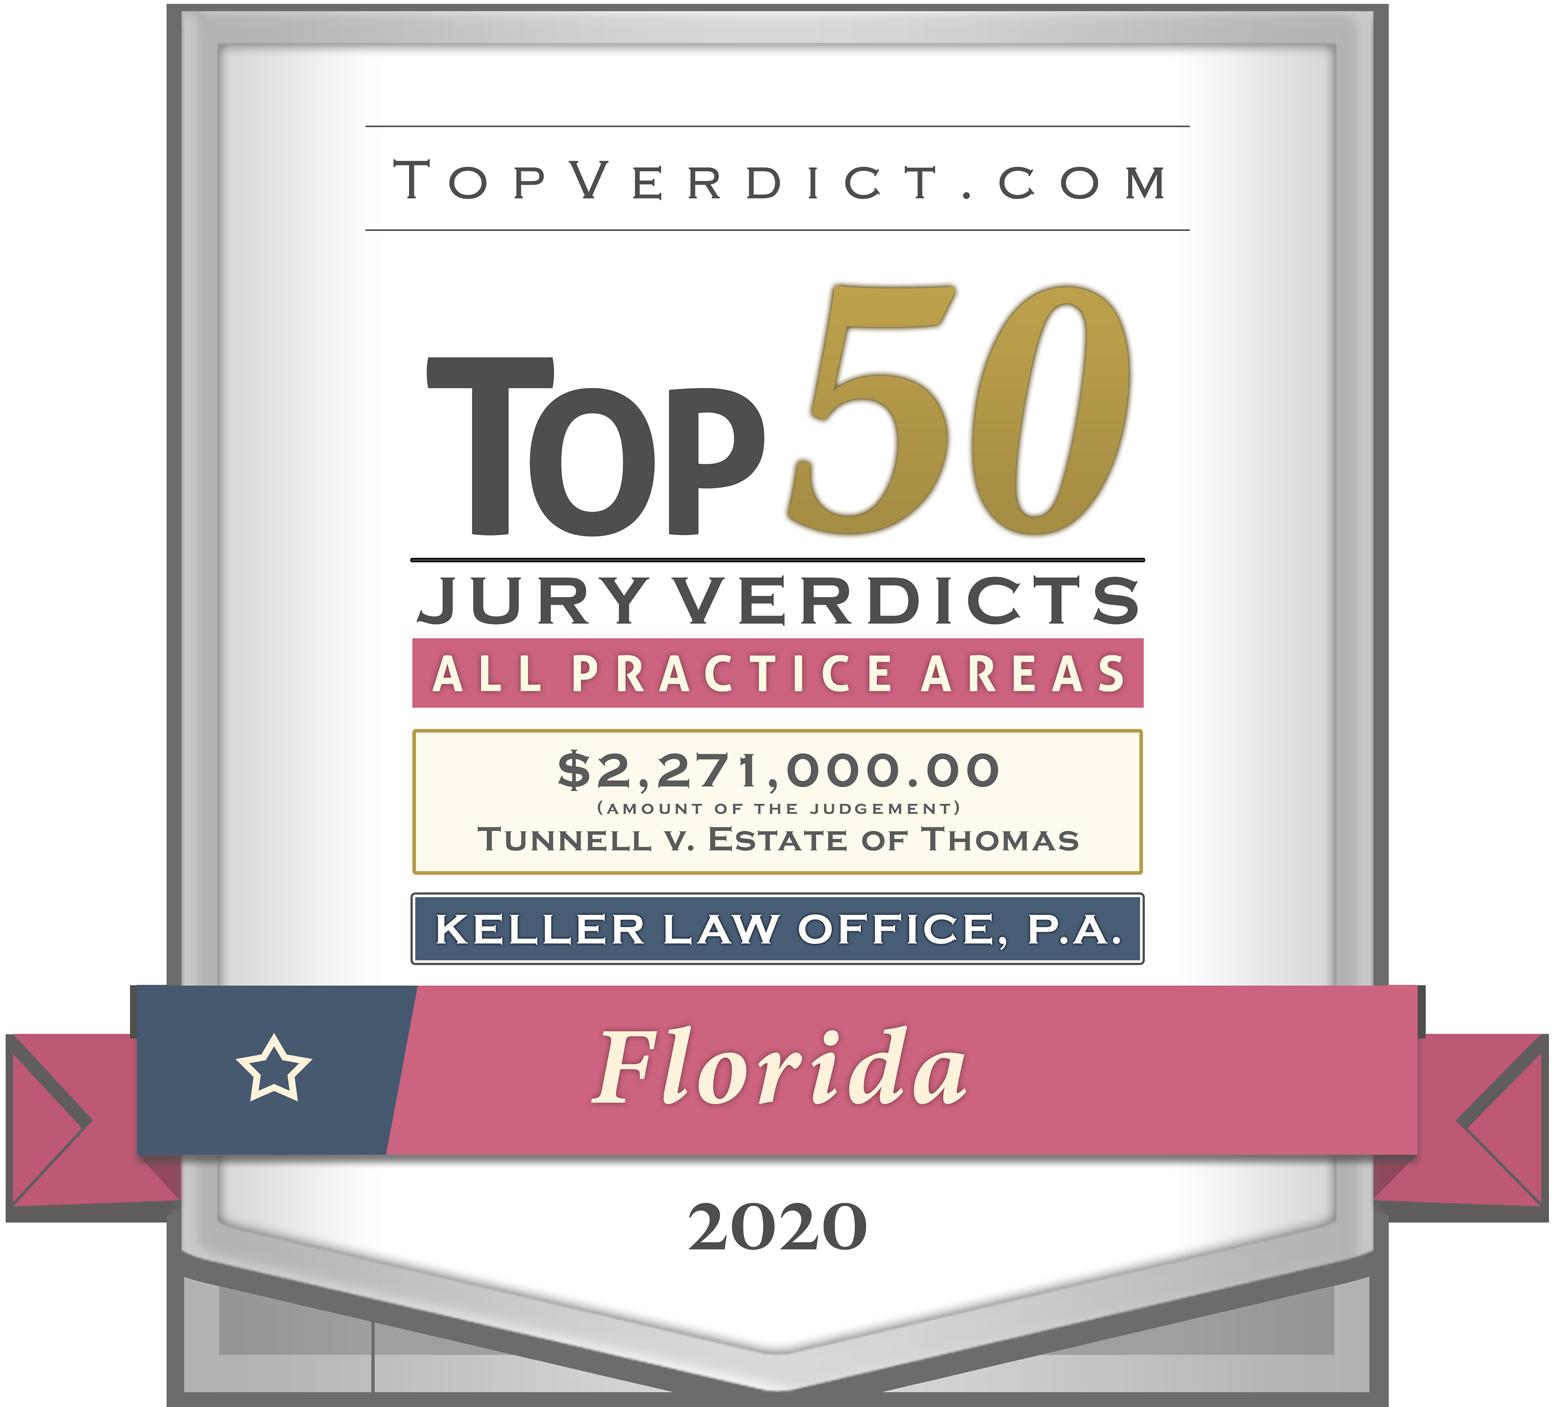 2020 Top 50 Jury Verdicts badge